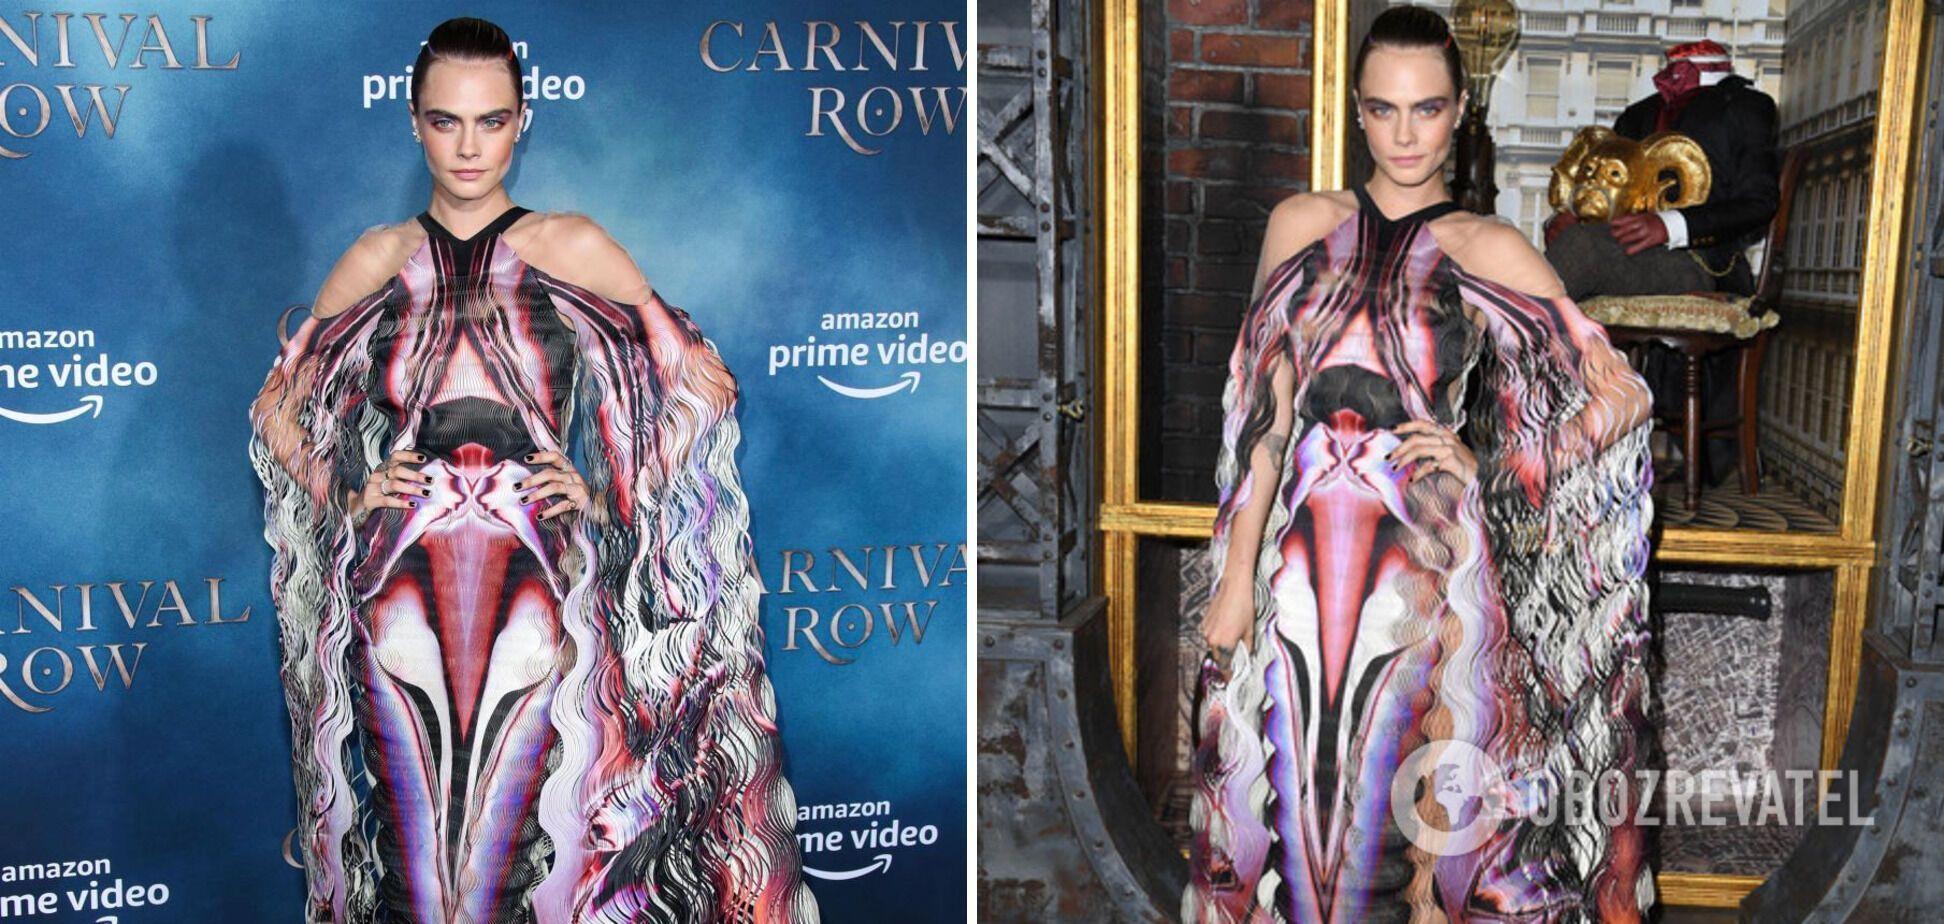 Кара Делевинь вышла в платье с абстрактным принтом и прорезами.